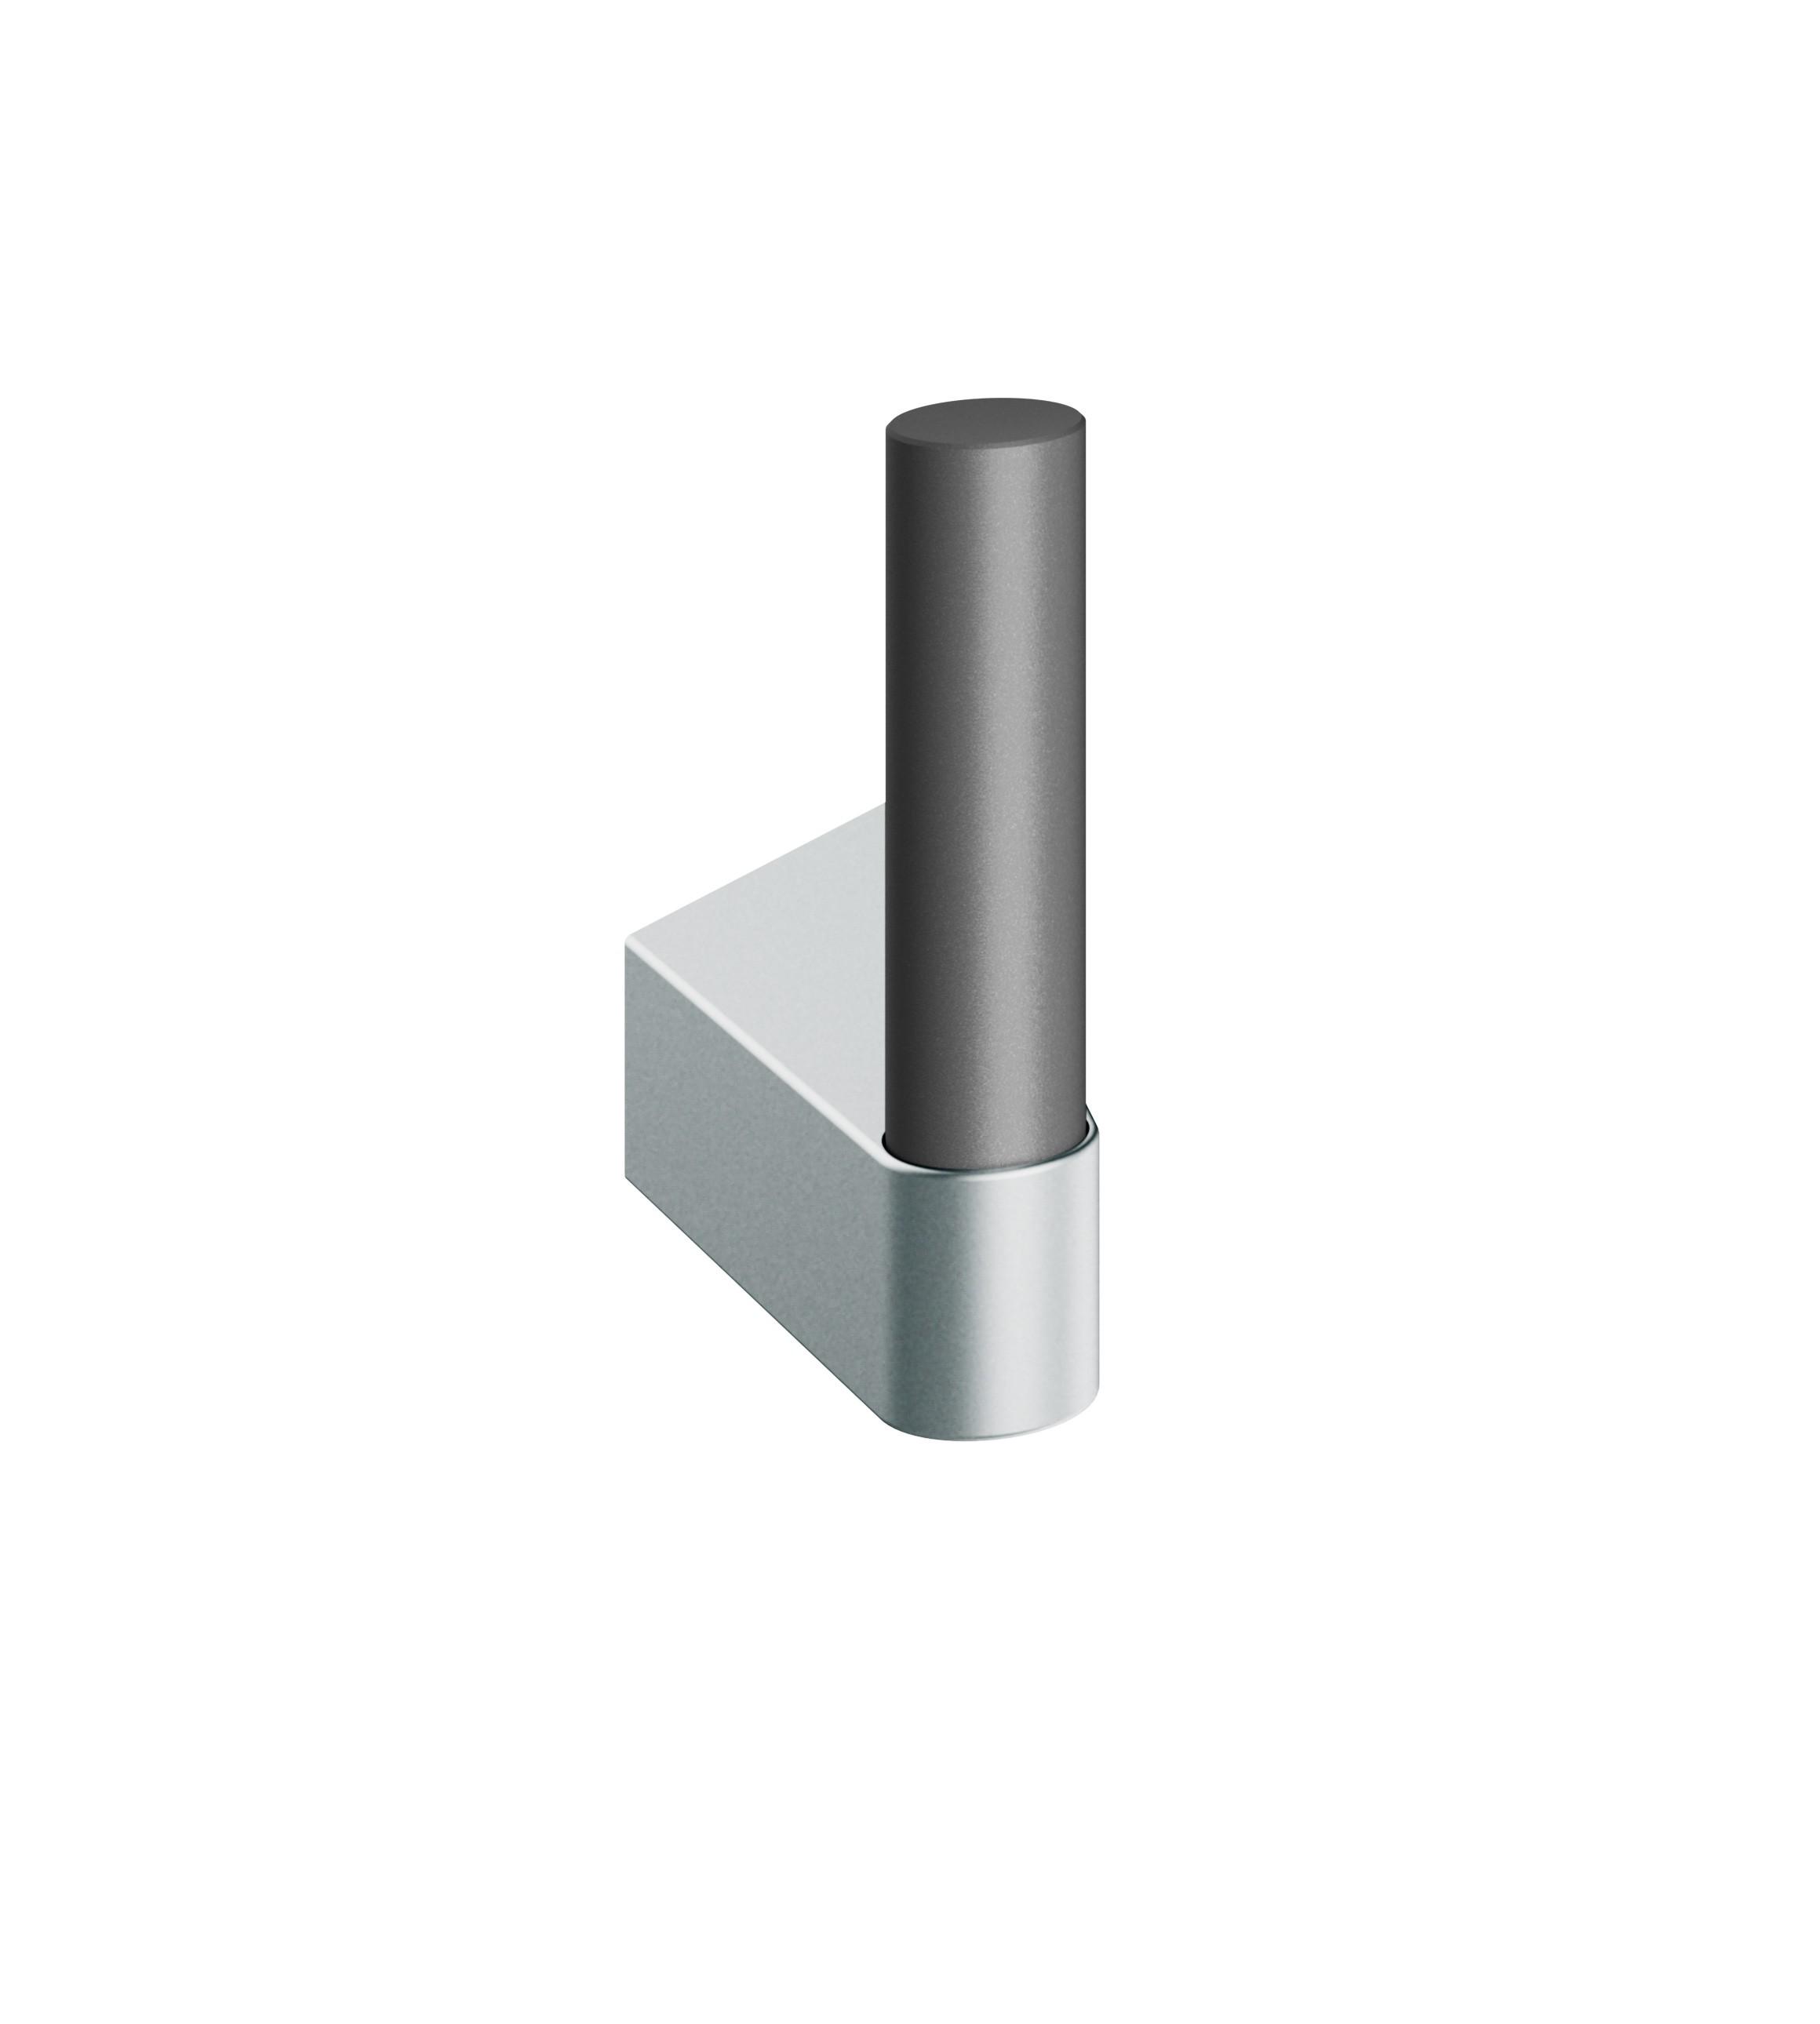 FSB Reserve-Papierrollenhalter A100 Anemonenweiß ähnlinksch RAL 9016 (0 82 8460 00017 8220)